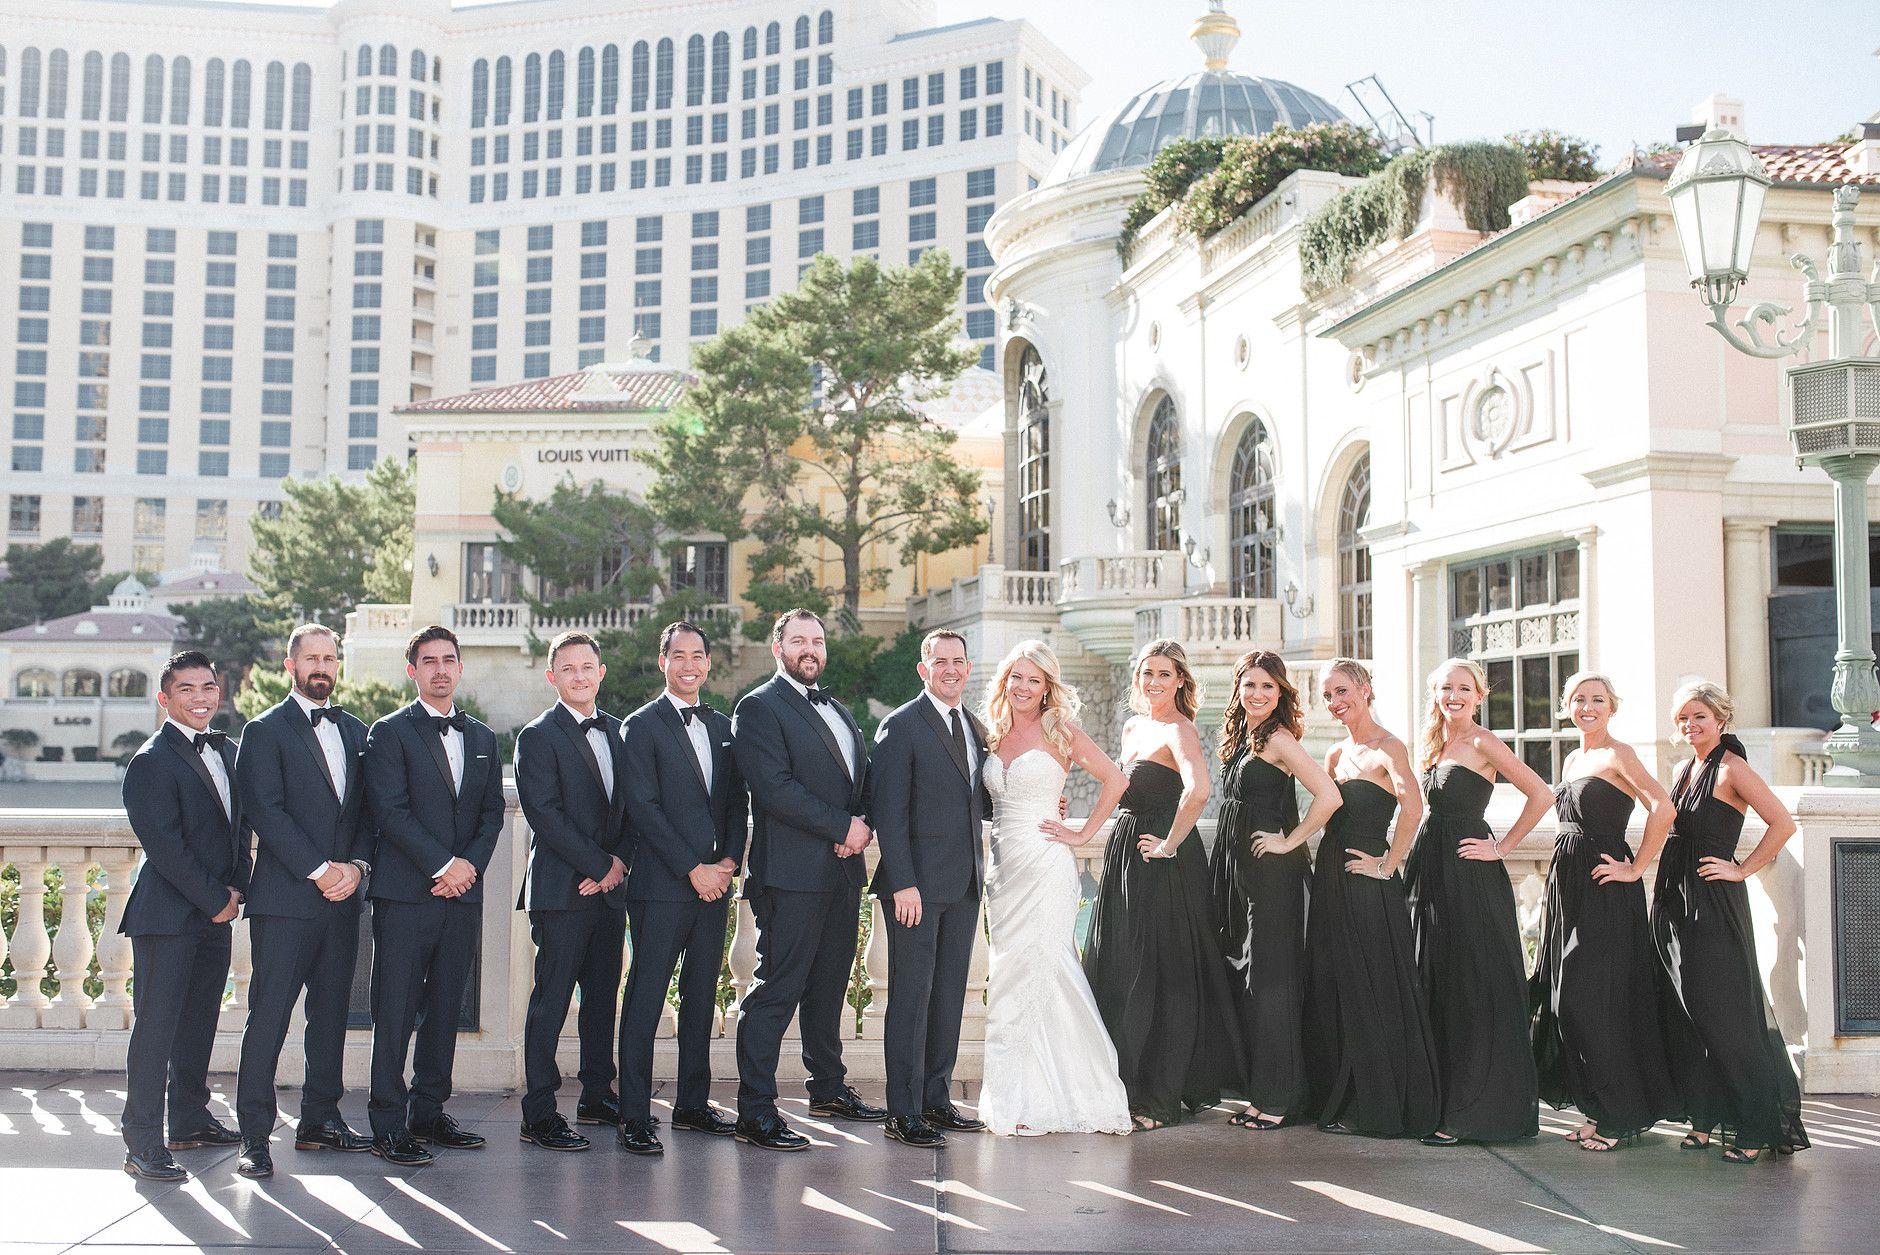 Hyde Bellagio Wedding Ceremony Moon Nightclub Reception Weddings